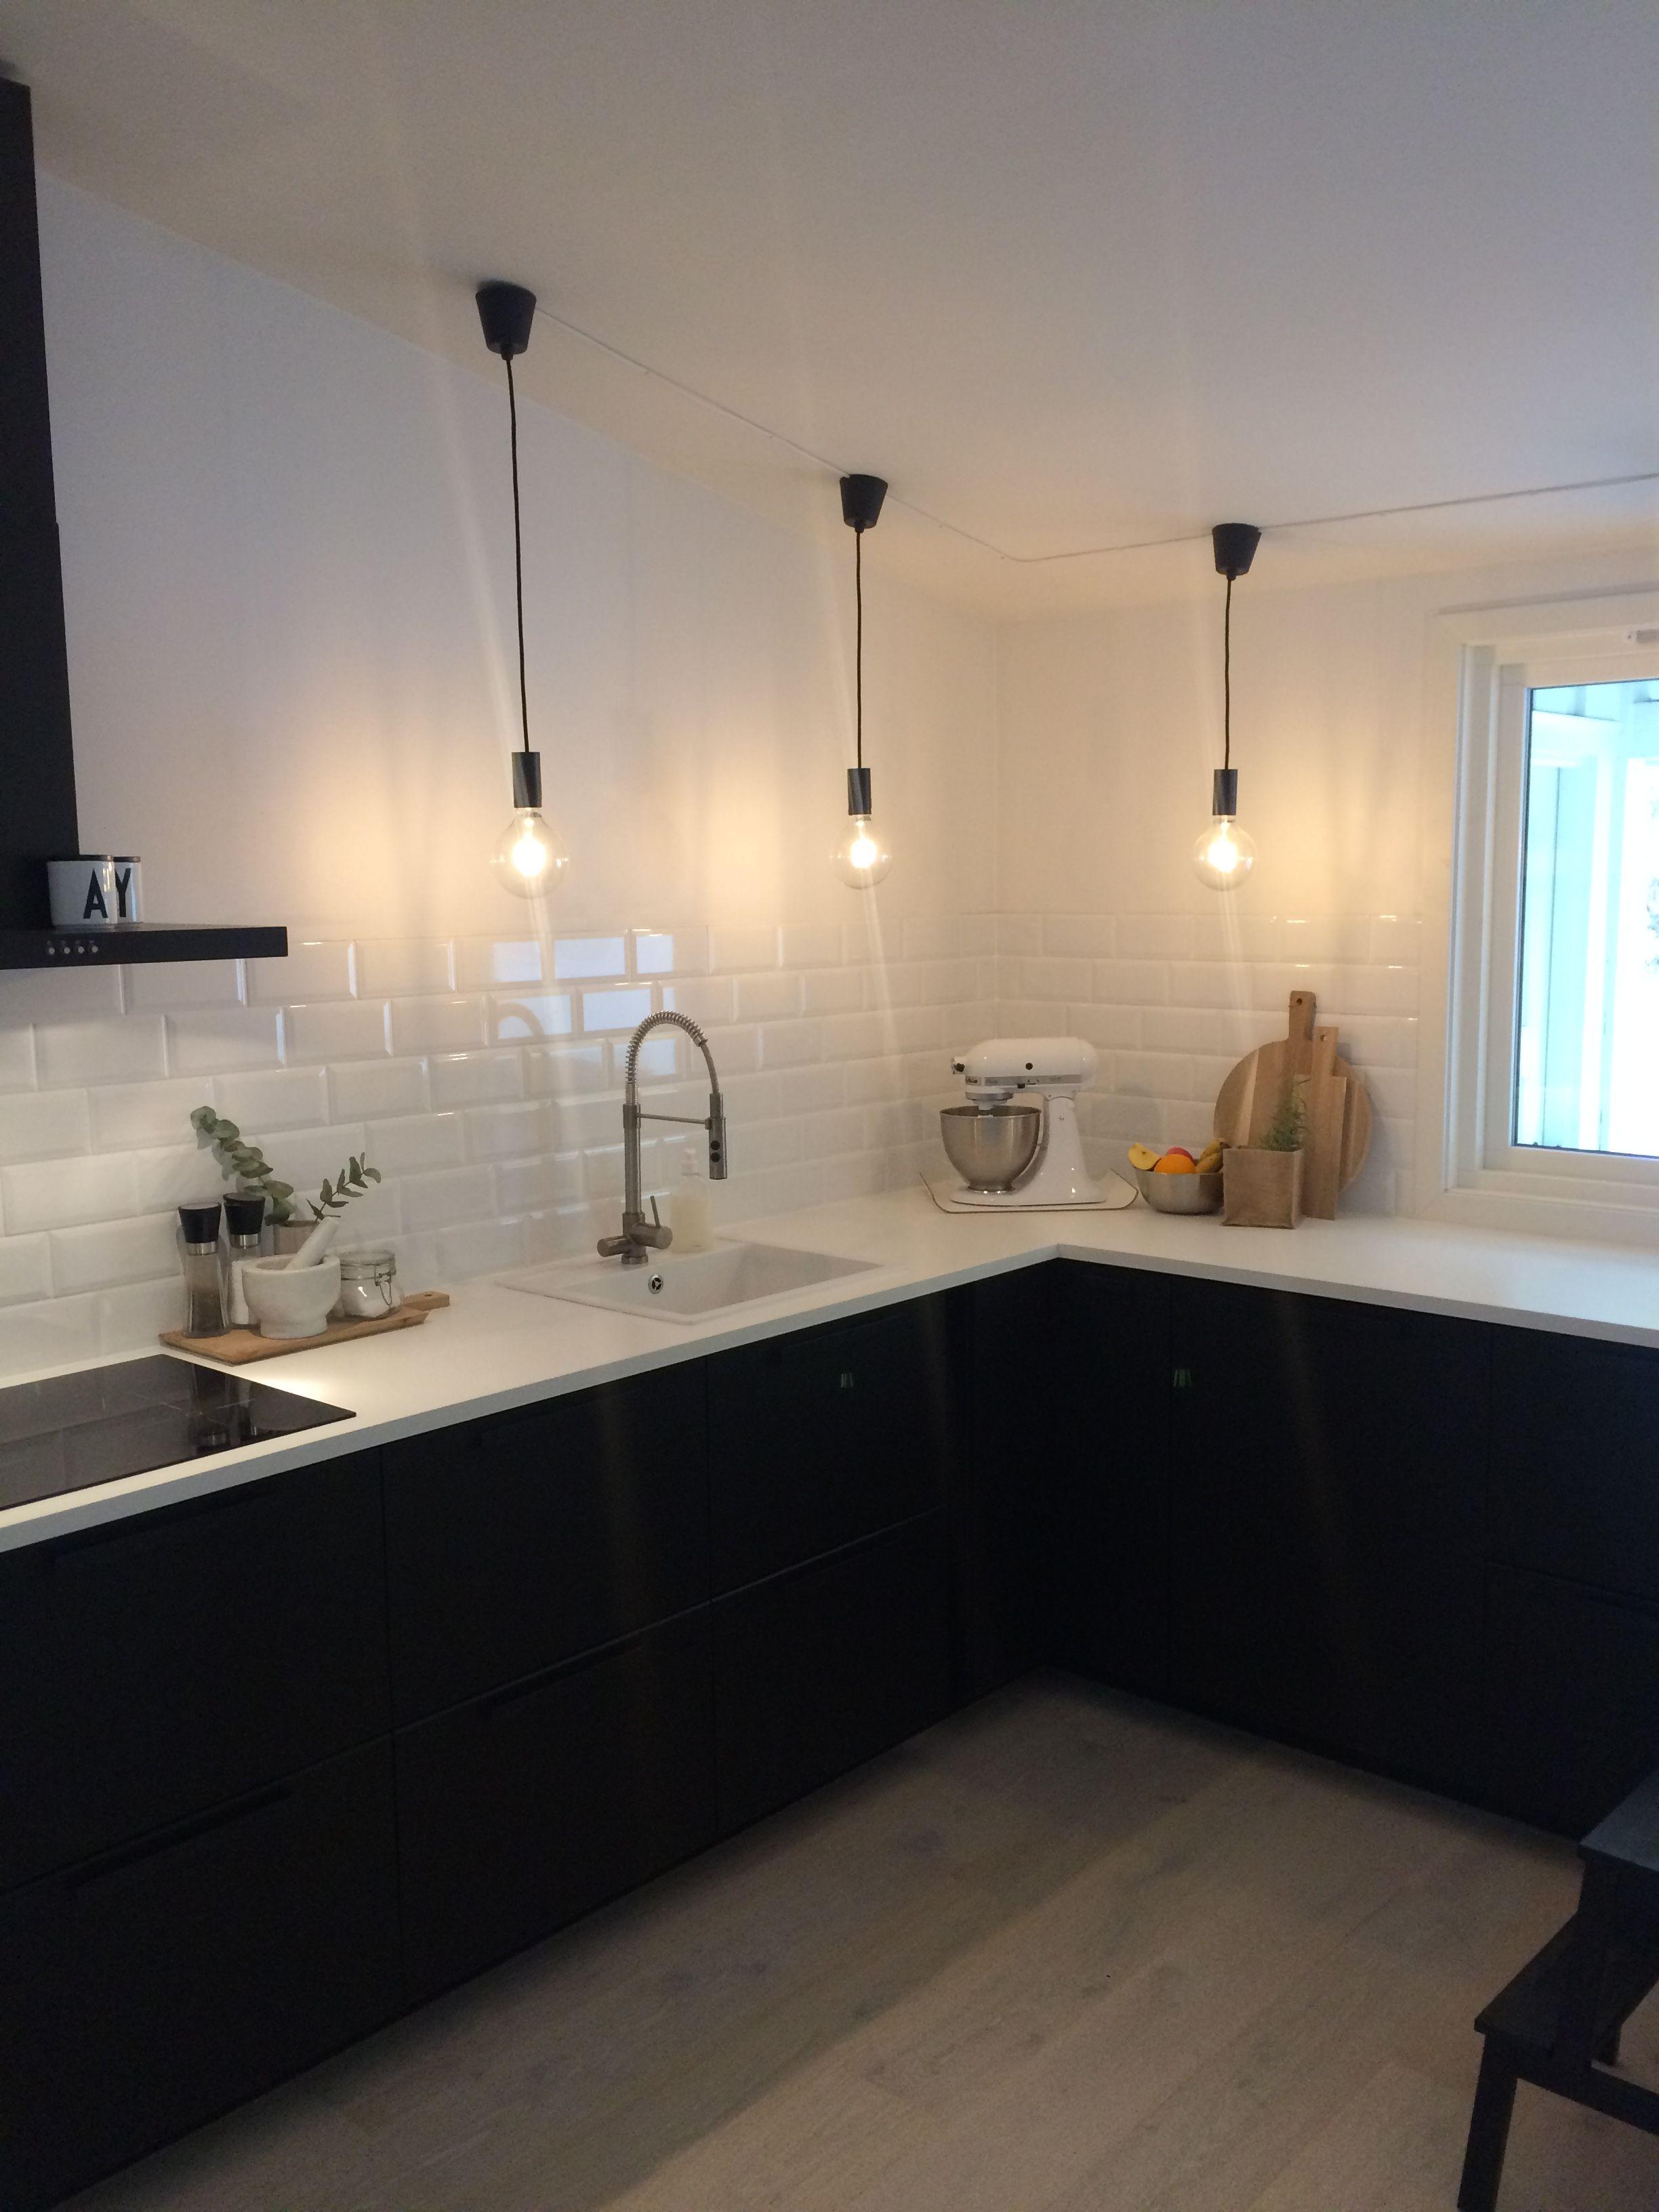 Kungsbacka kjøkken, IKEA Kjøkken interiør, Kjøkken stil